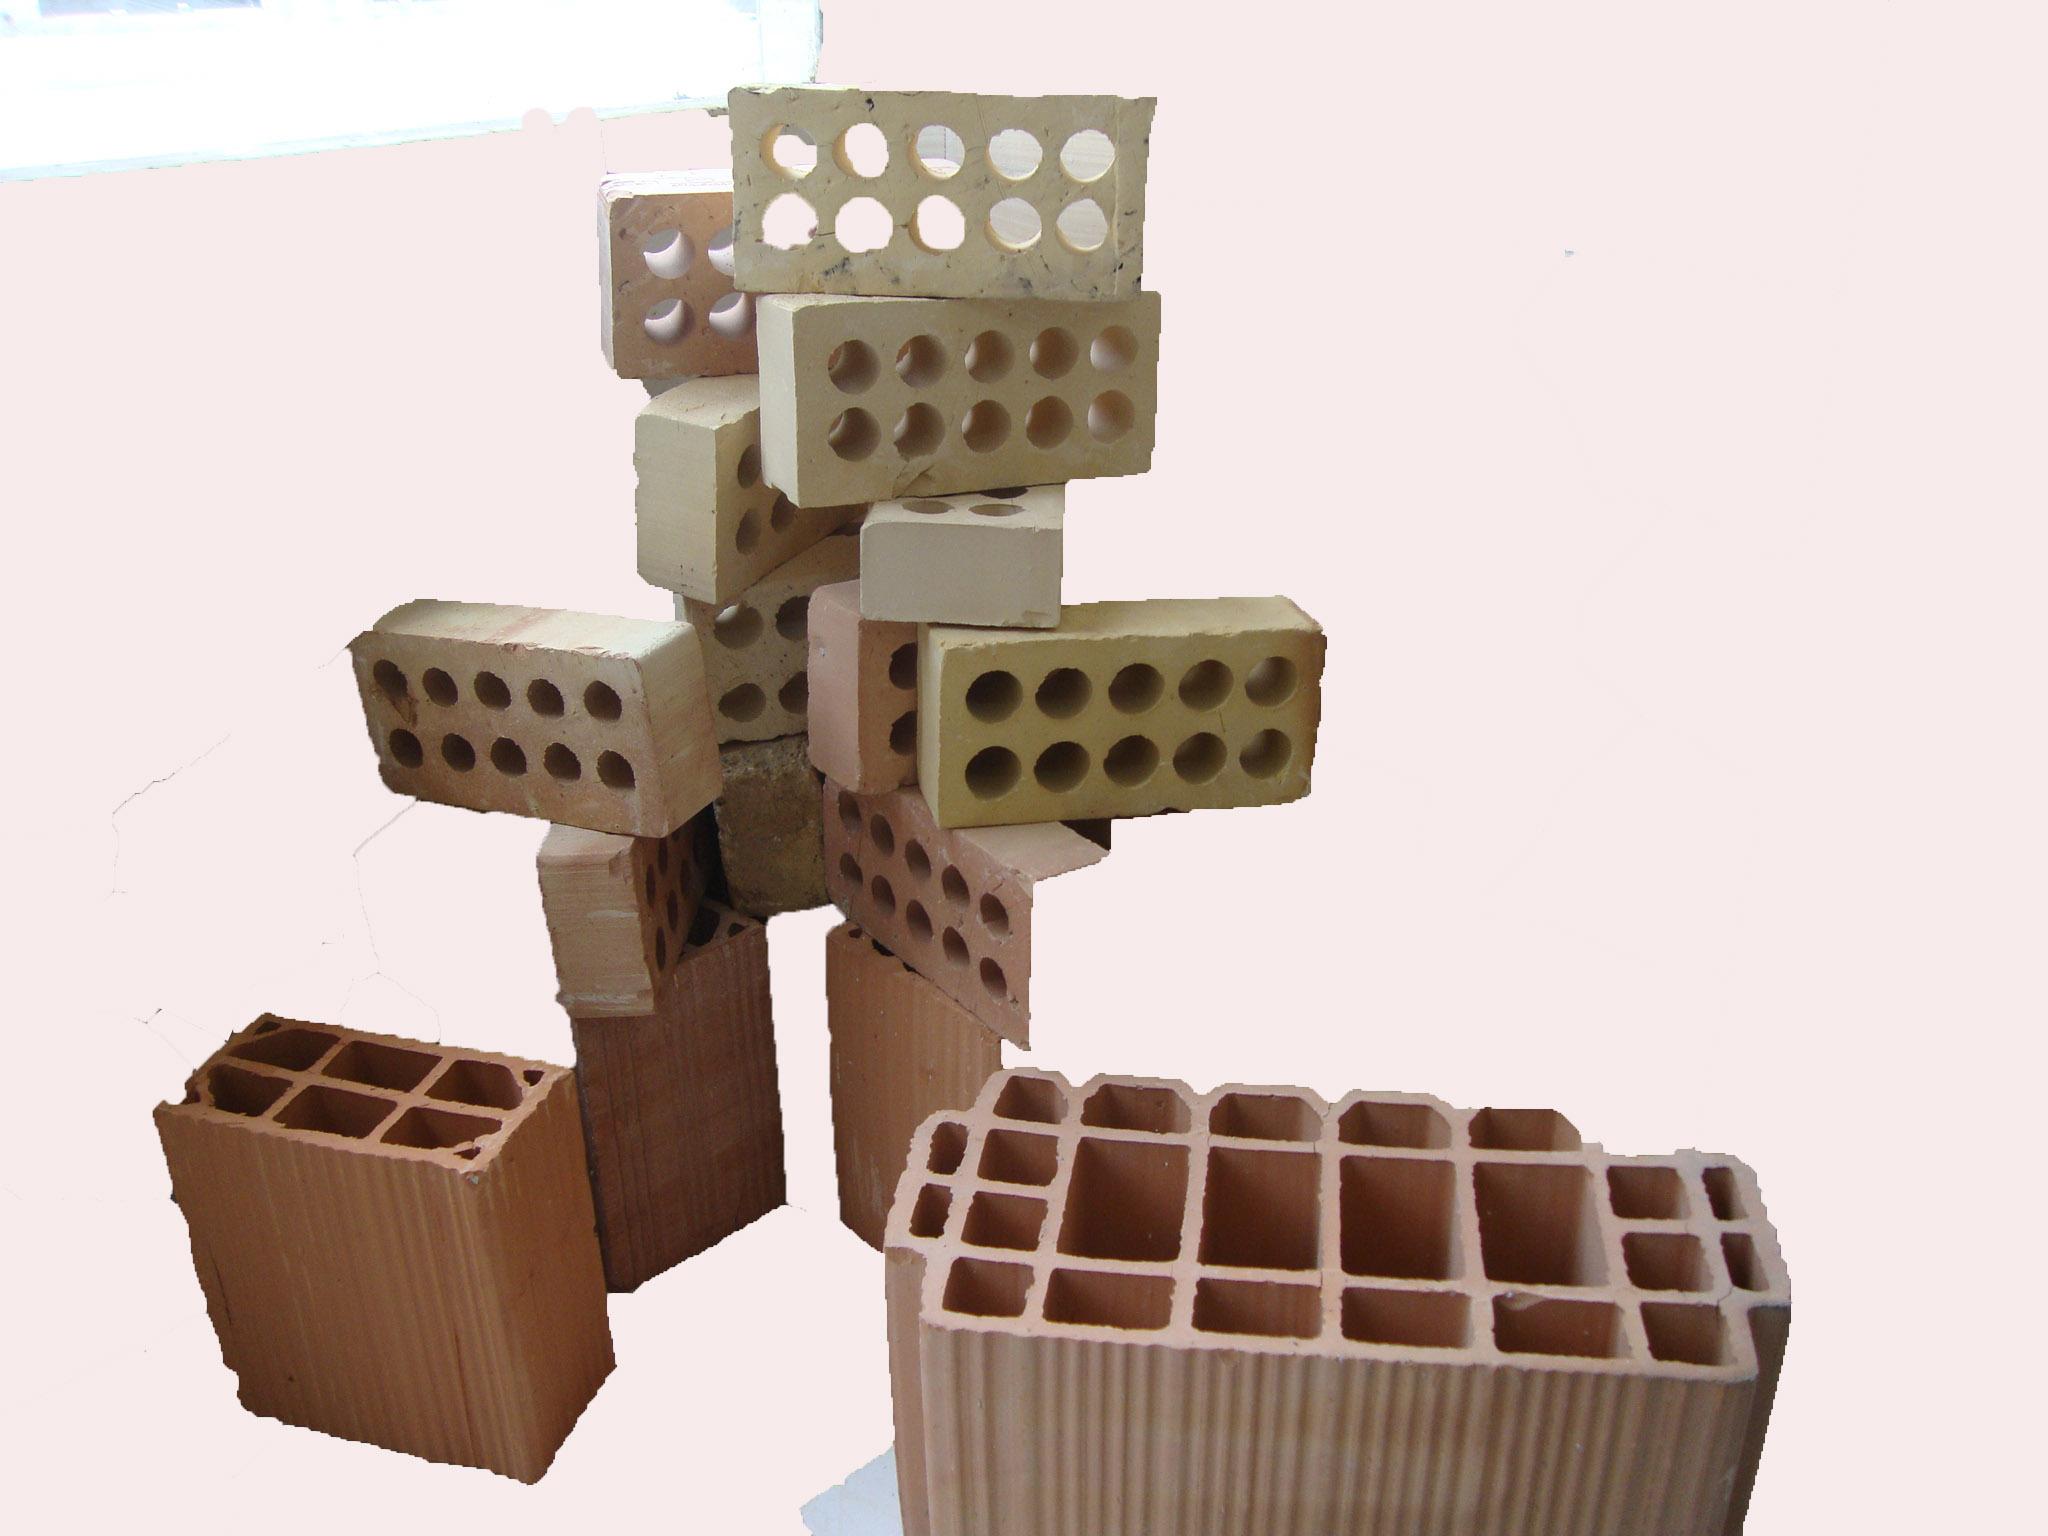 لیست مصالح و تجهیزات ساختمانی تربت جام